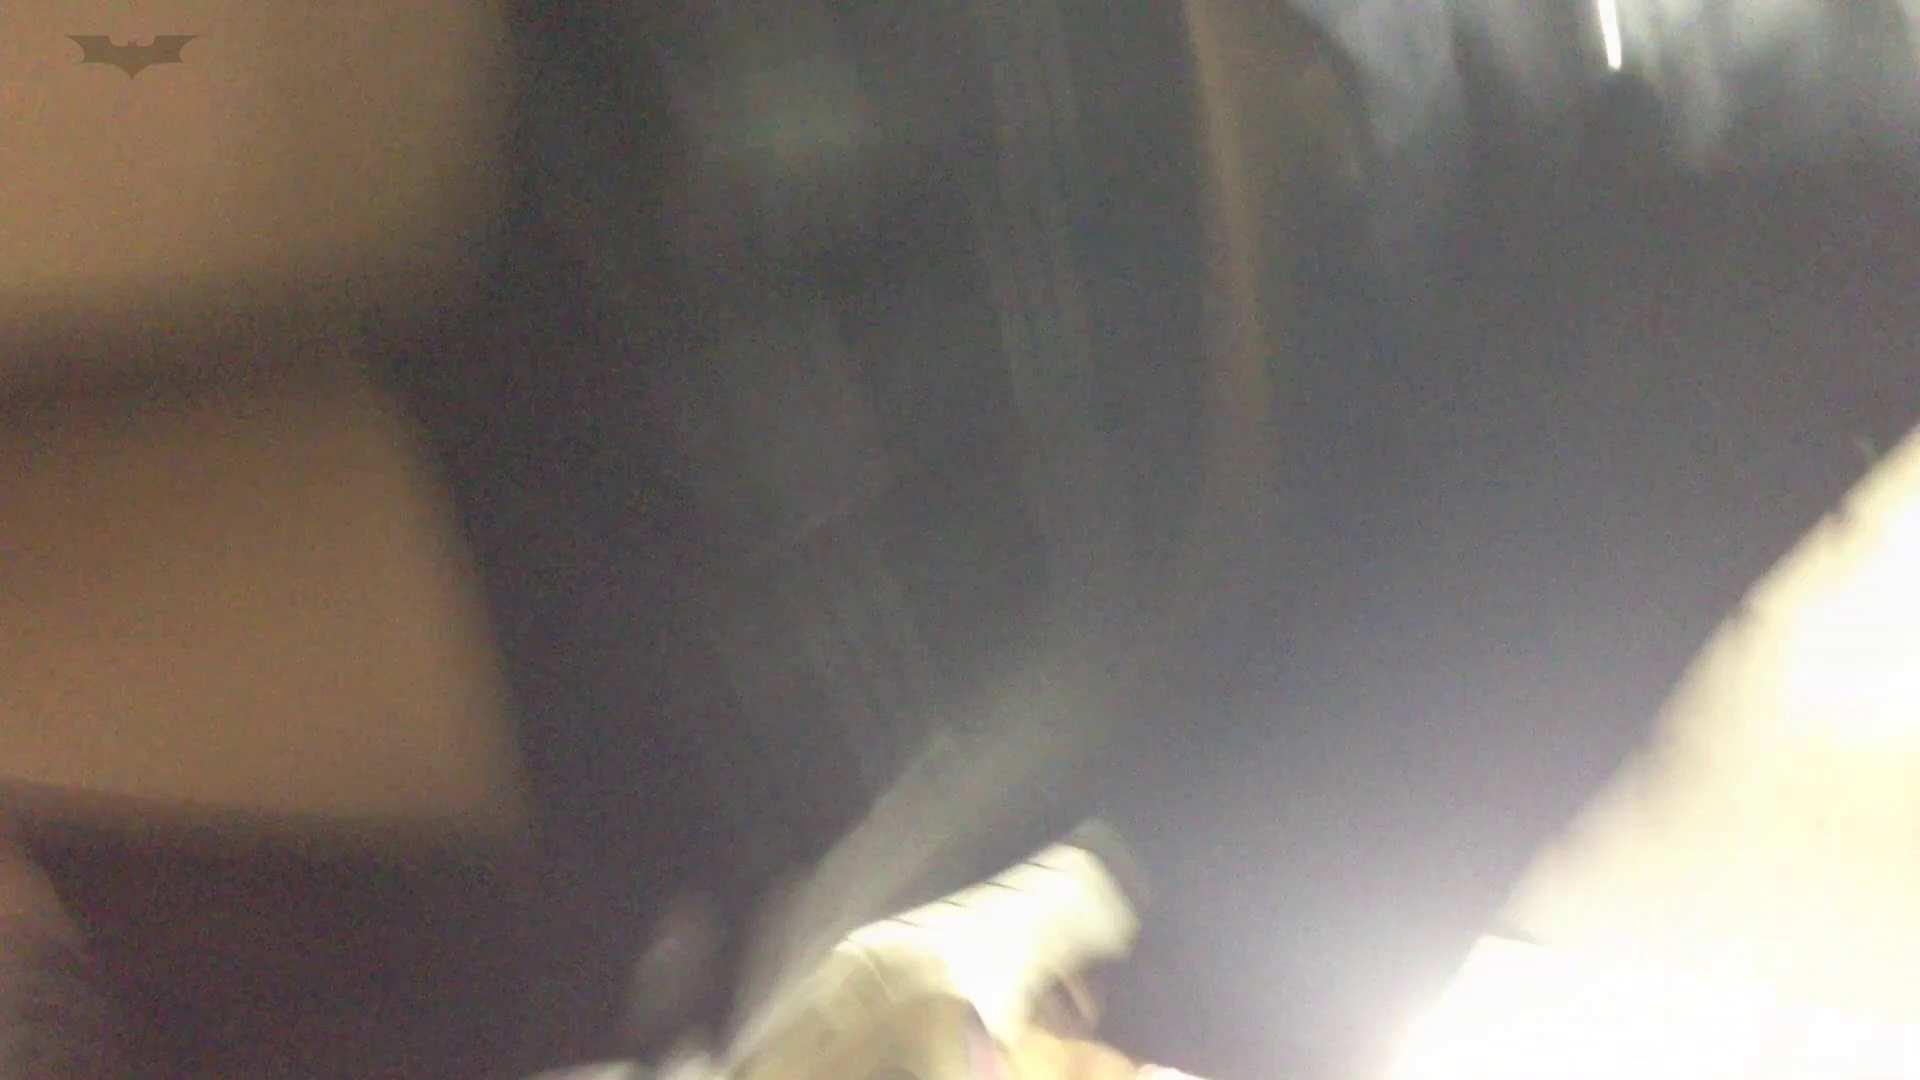 階段パンチラ Vol.06 チラ オマンコ無修正動画無料 49画像 33